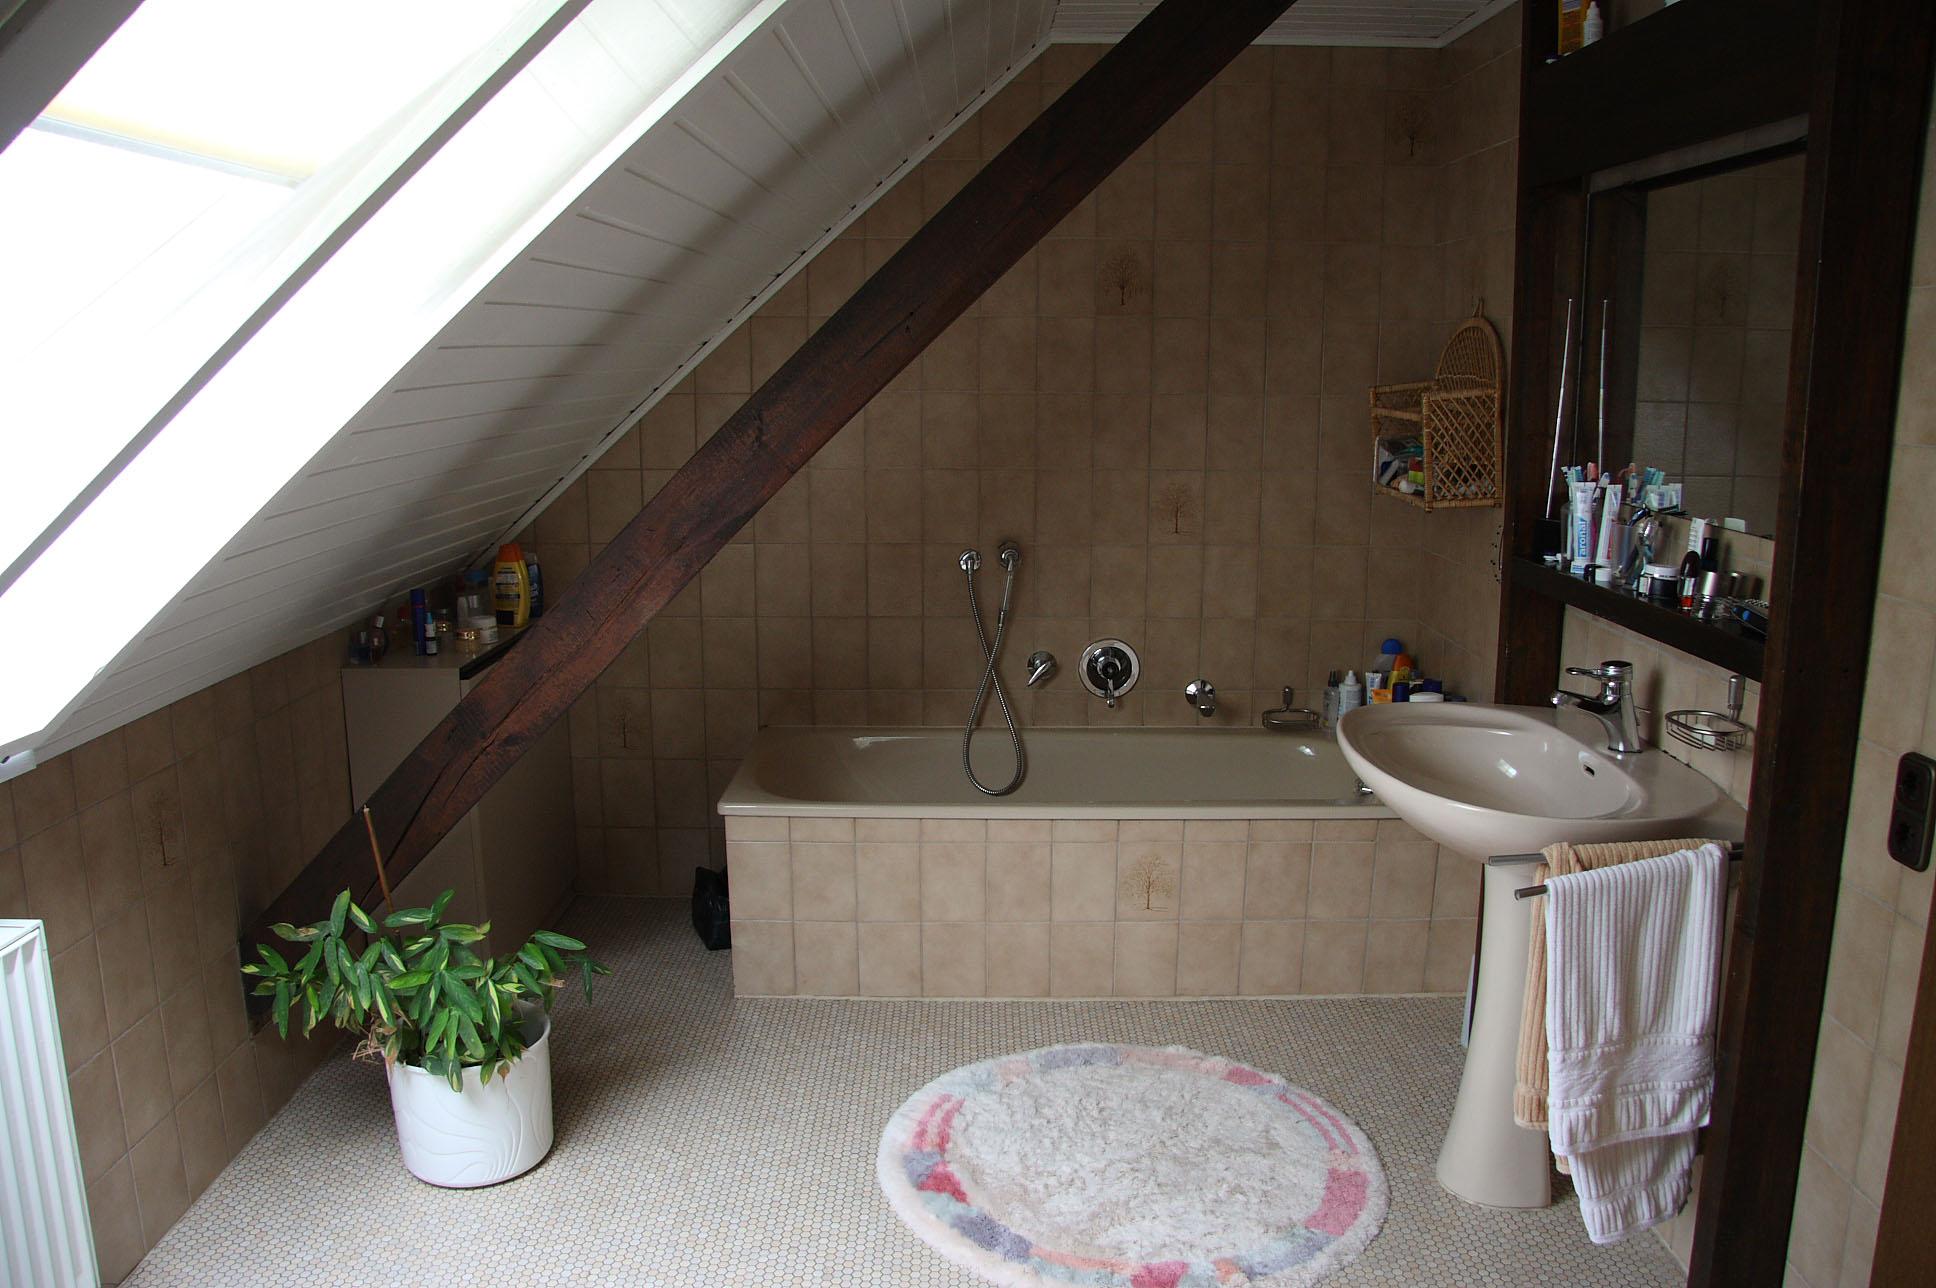 sv vergleichen flirtgarantie und herzklopfen. Black Bedroom Furniture Sets. Home Design Ideas